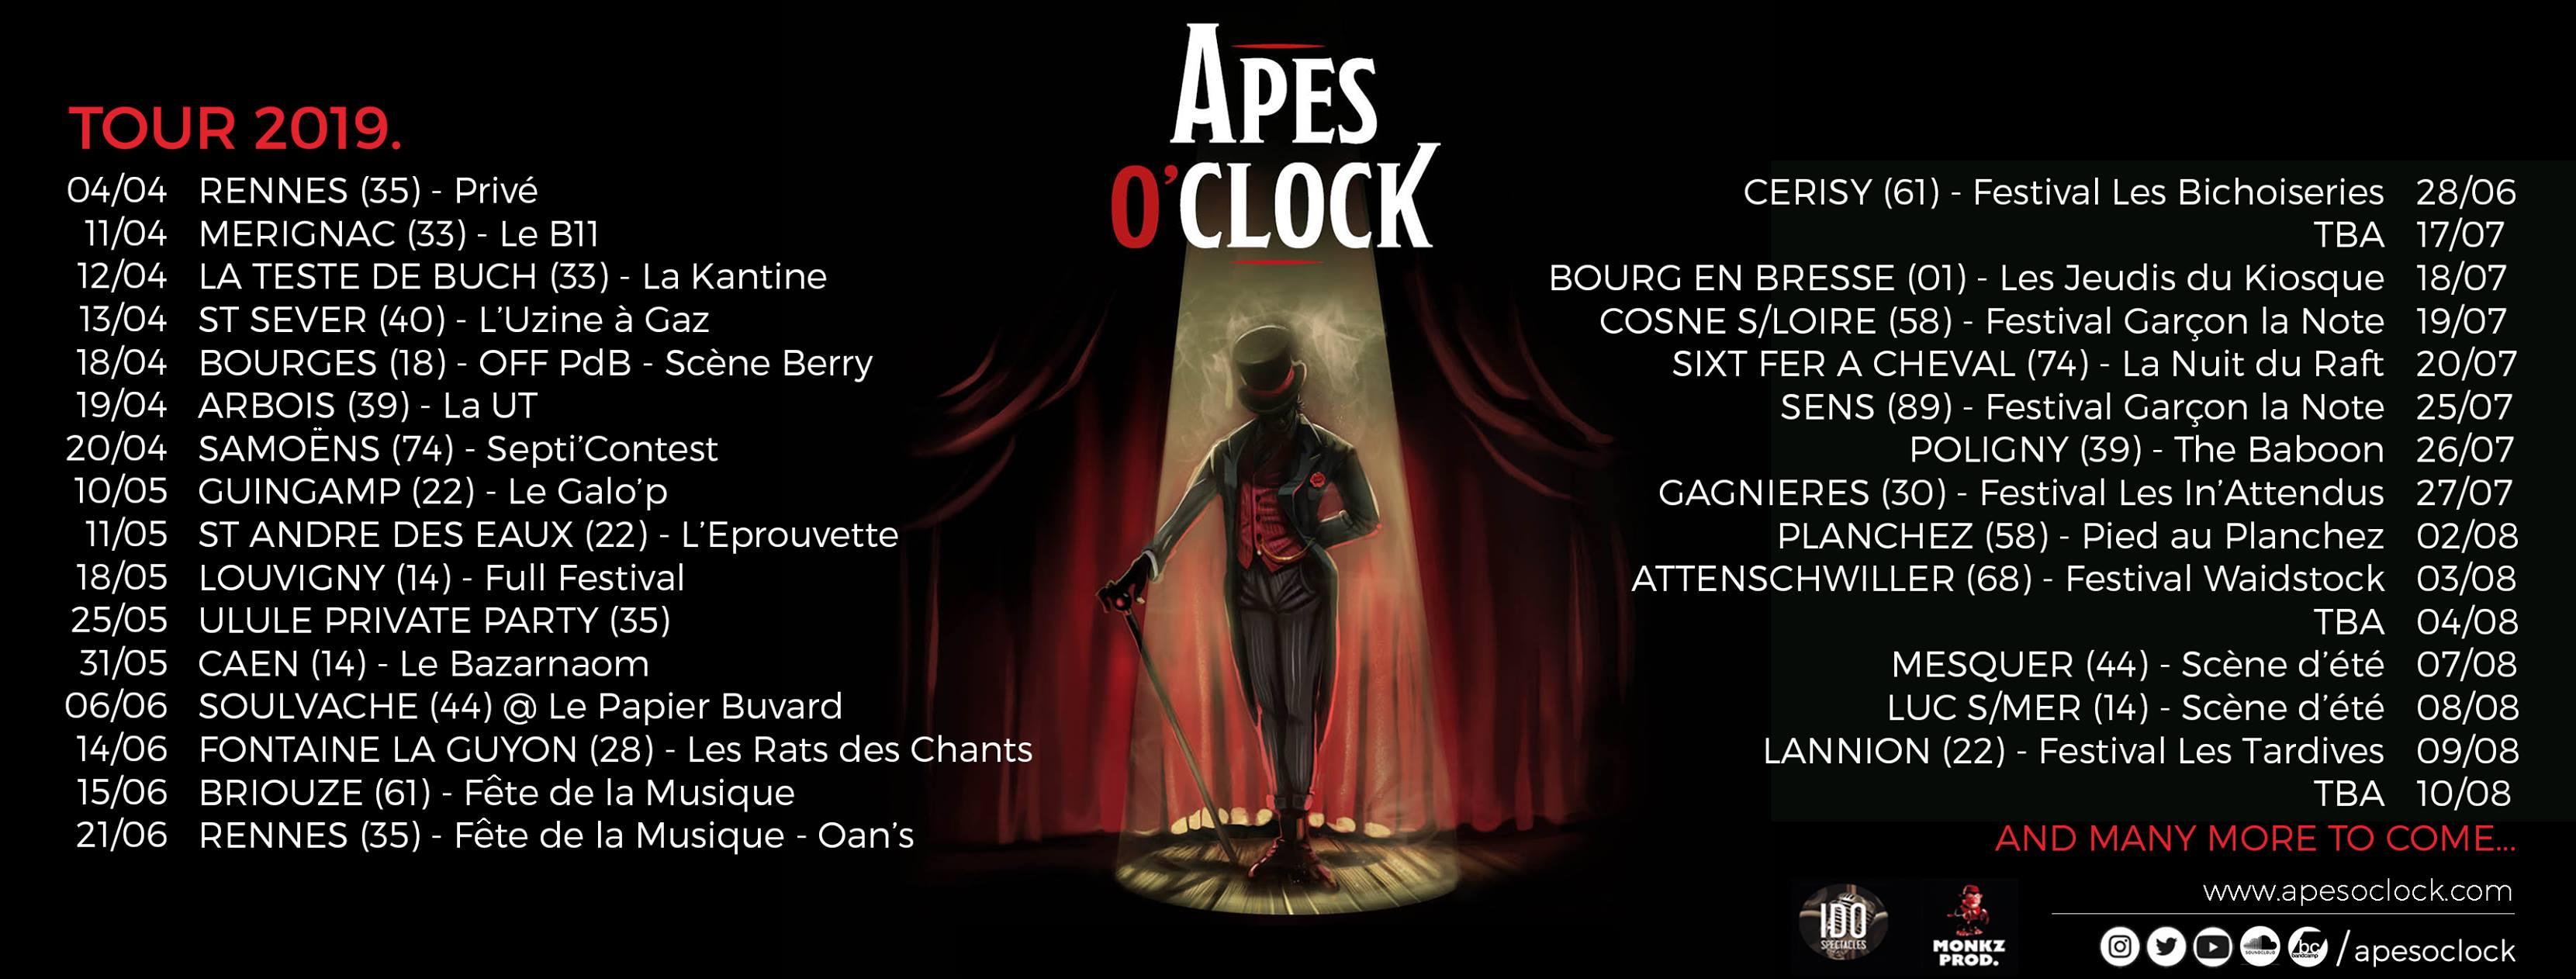 Apes O' Clock - Tournée 2019